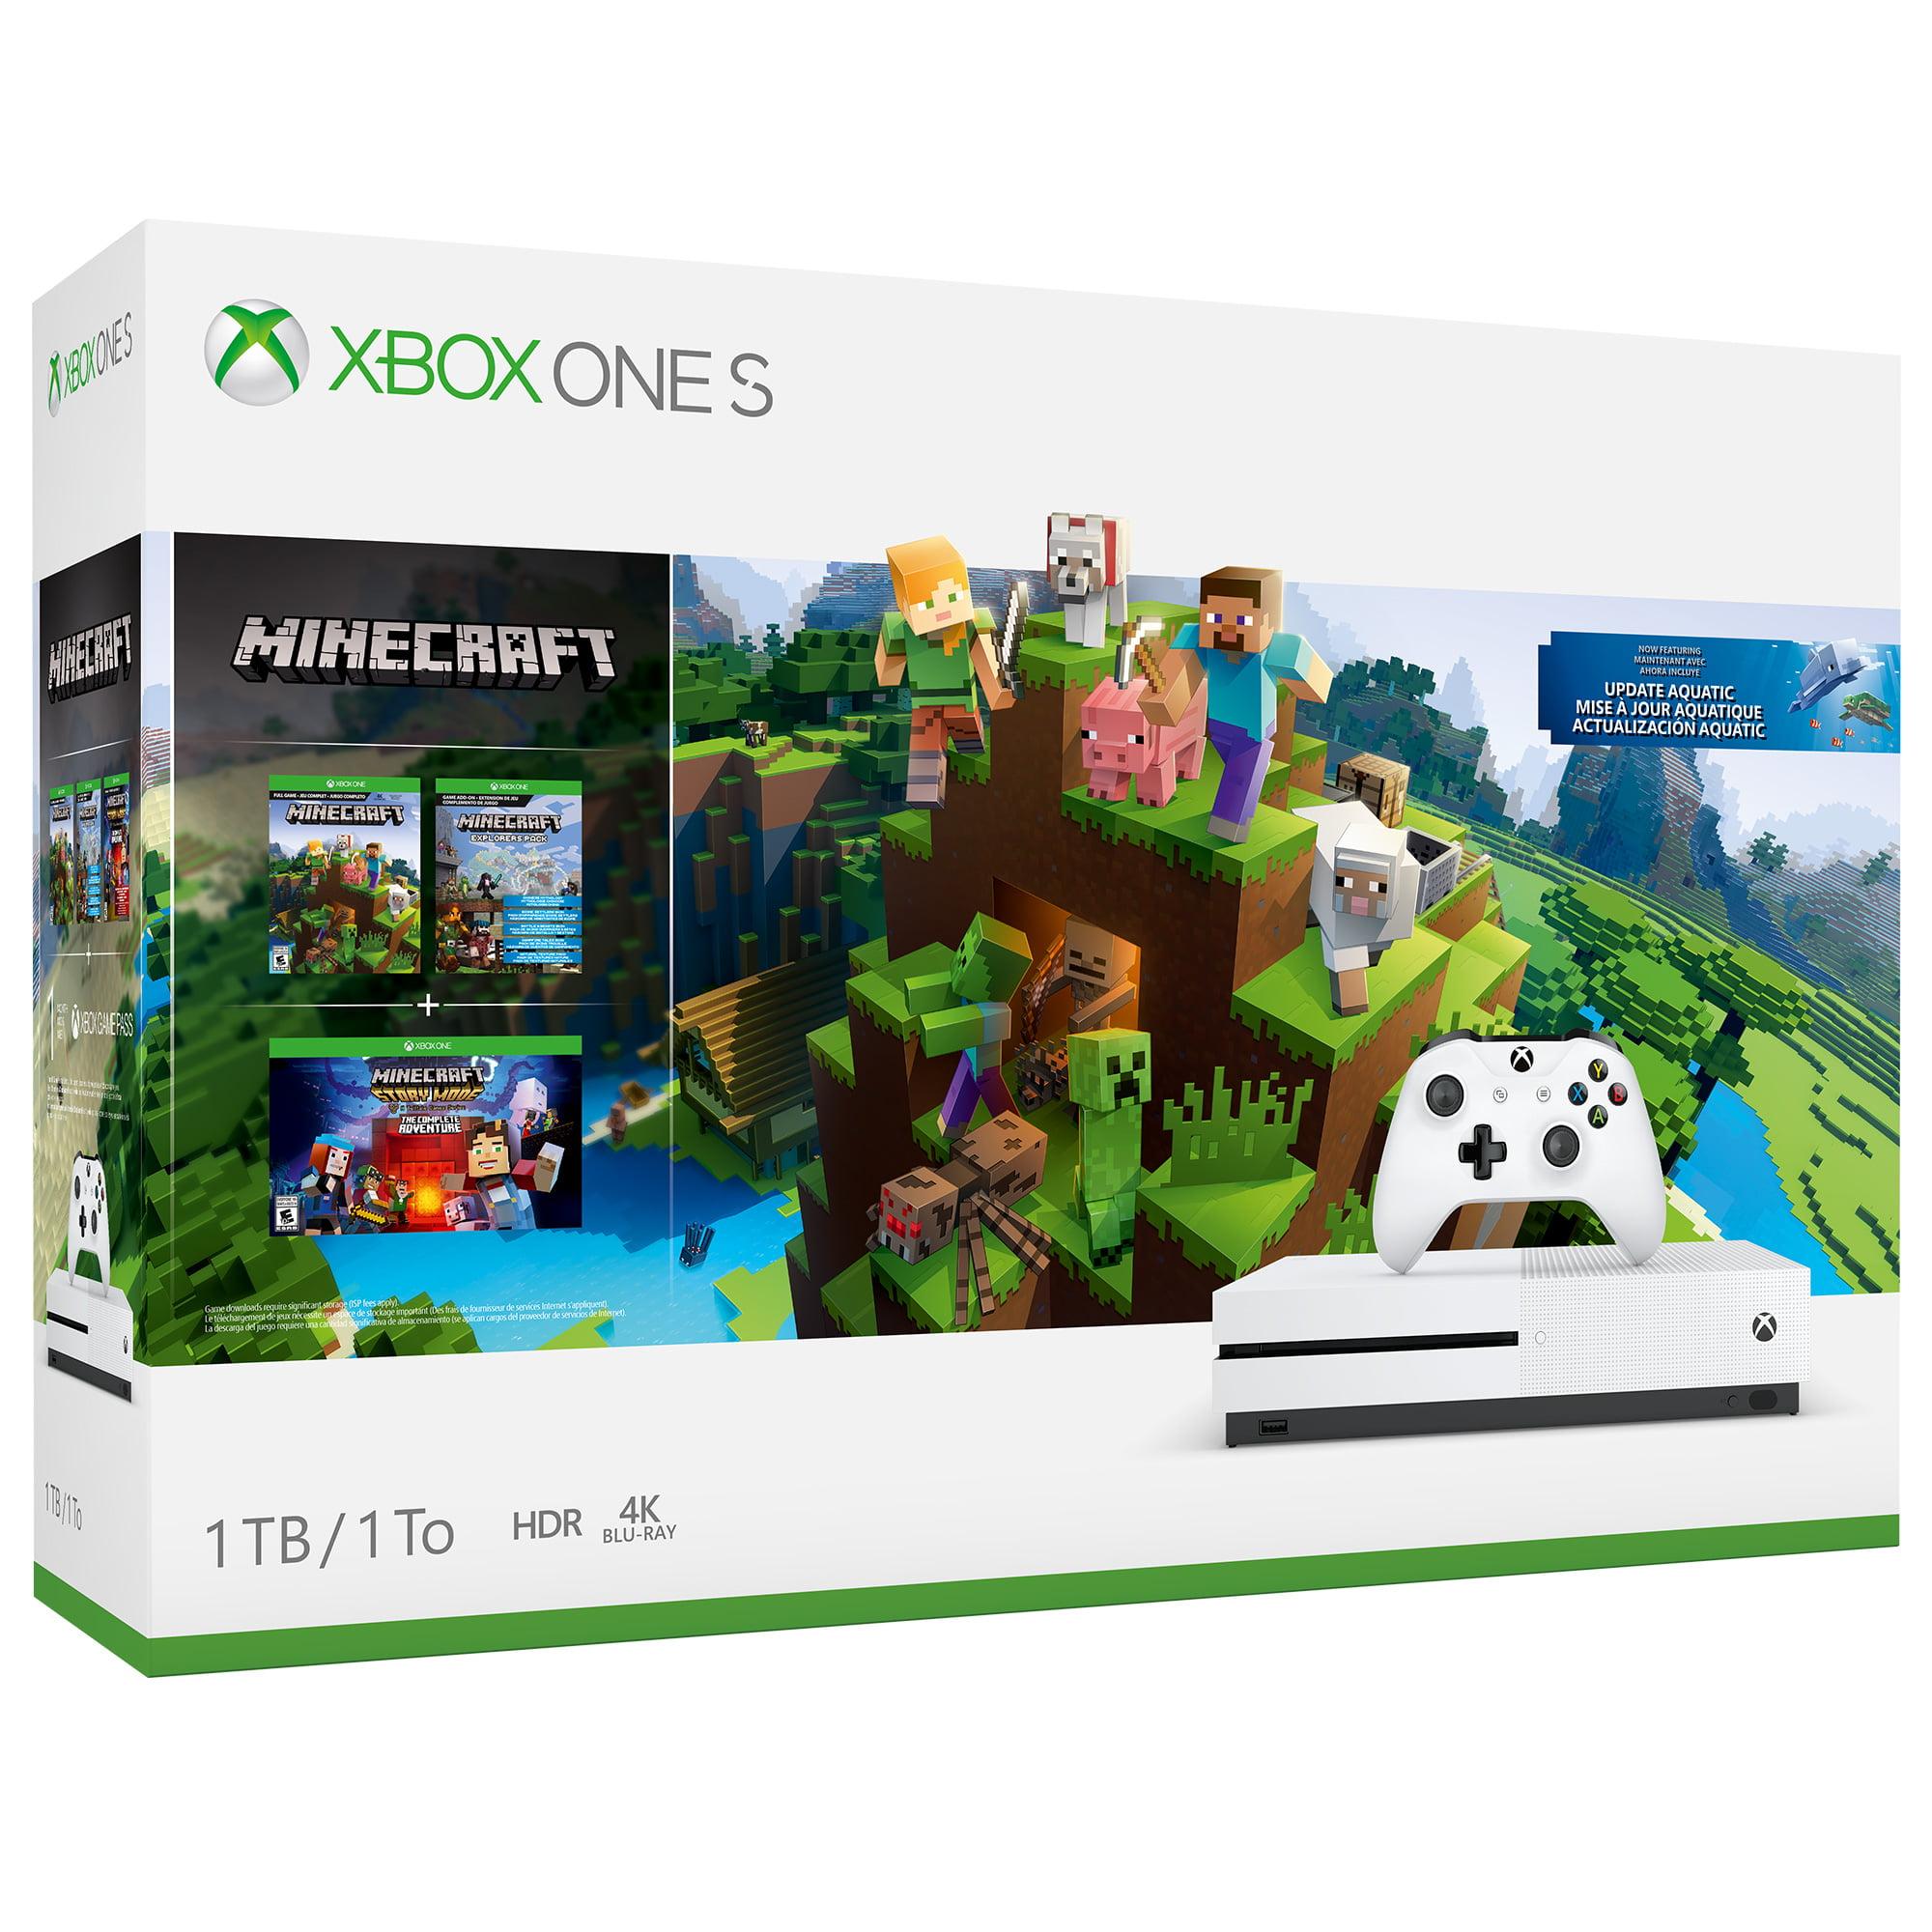 Microsoft Xbox One S 8TB Minecraft Bundle, White, 8-8 - Walmart.com